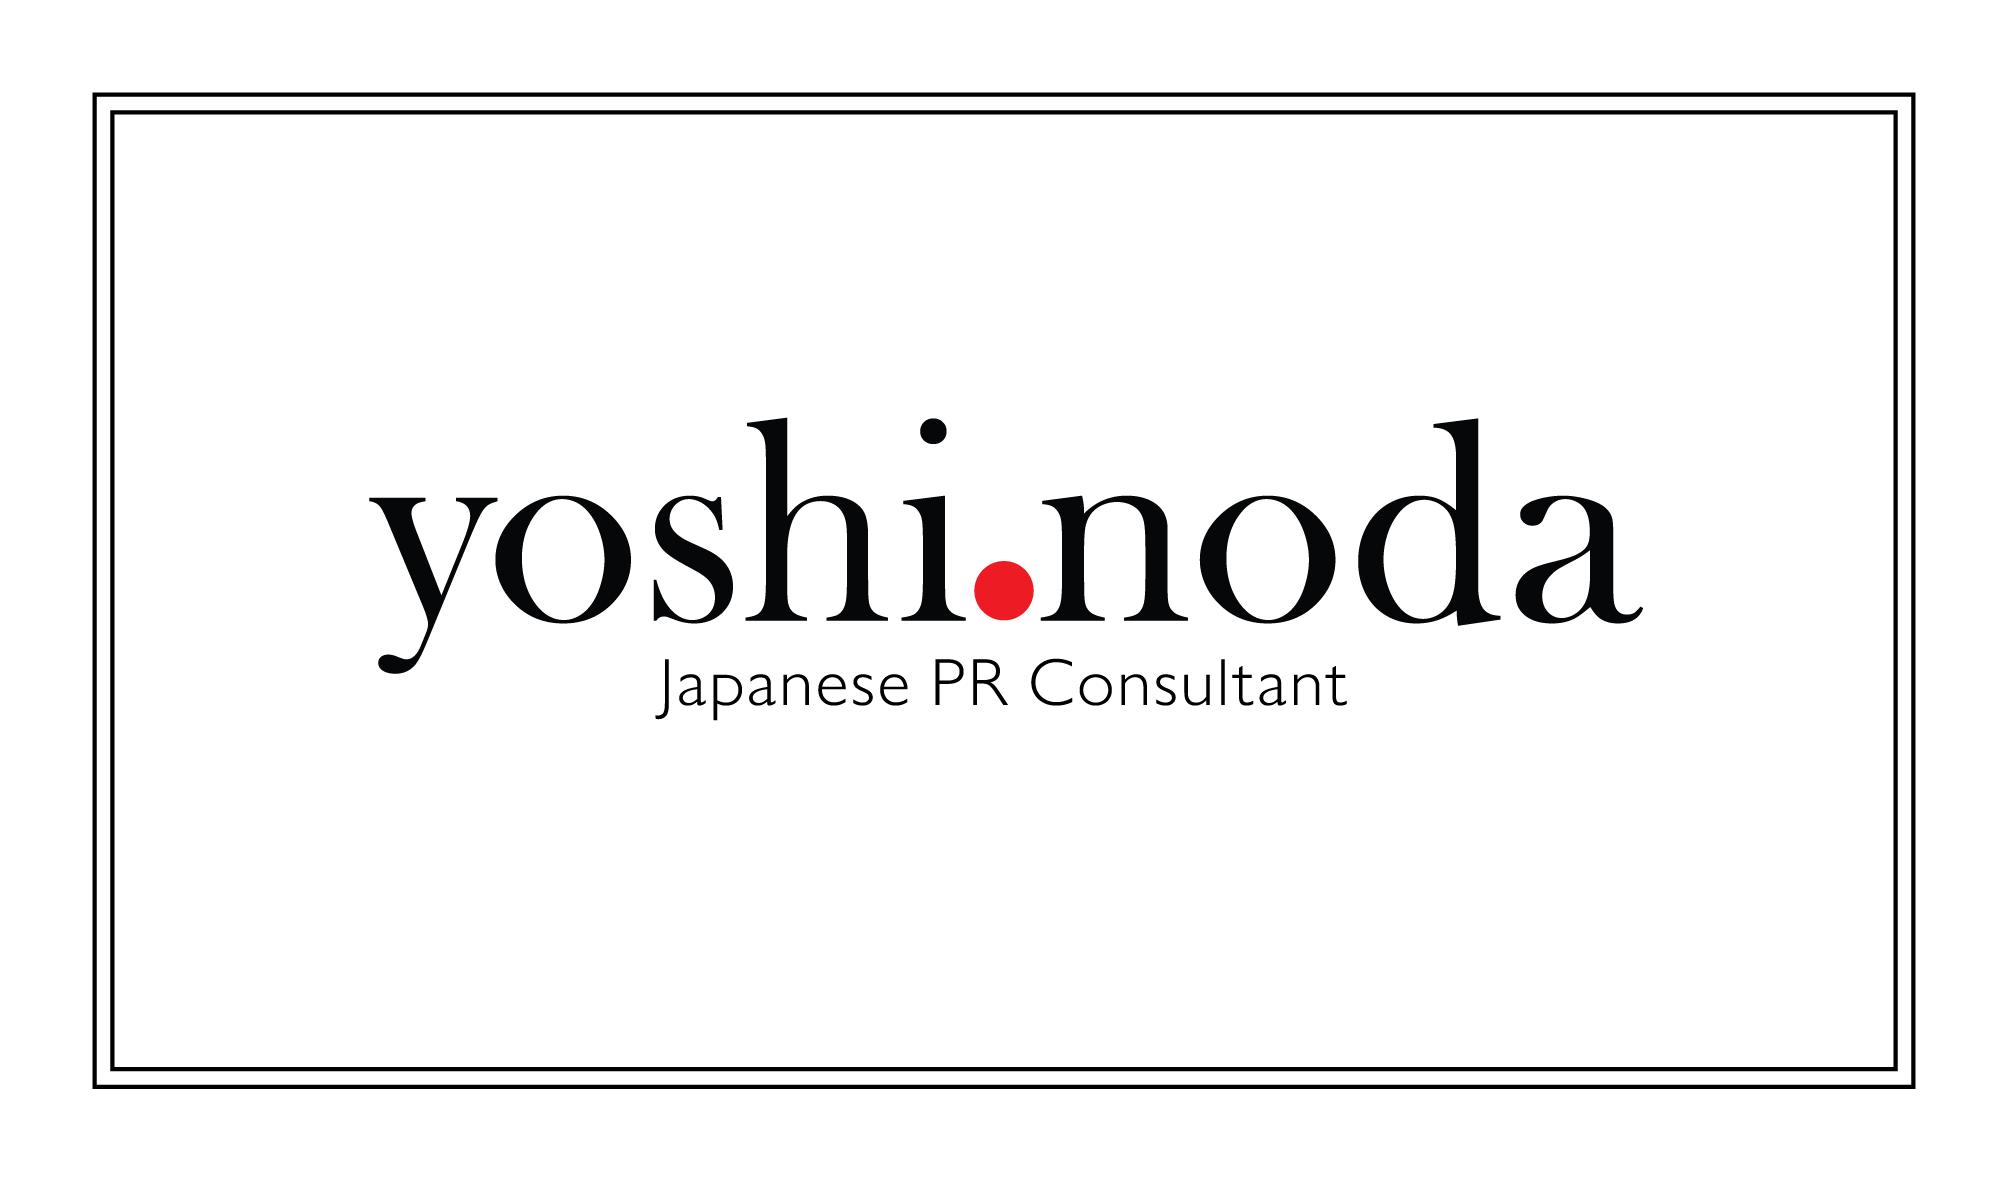 yoshi.noda